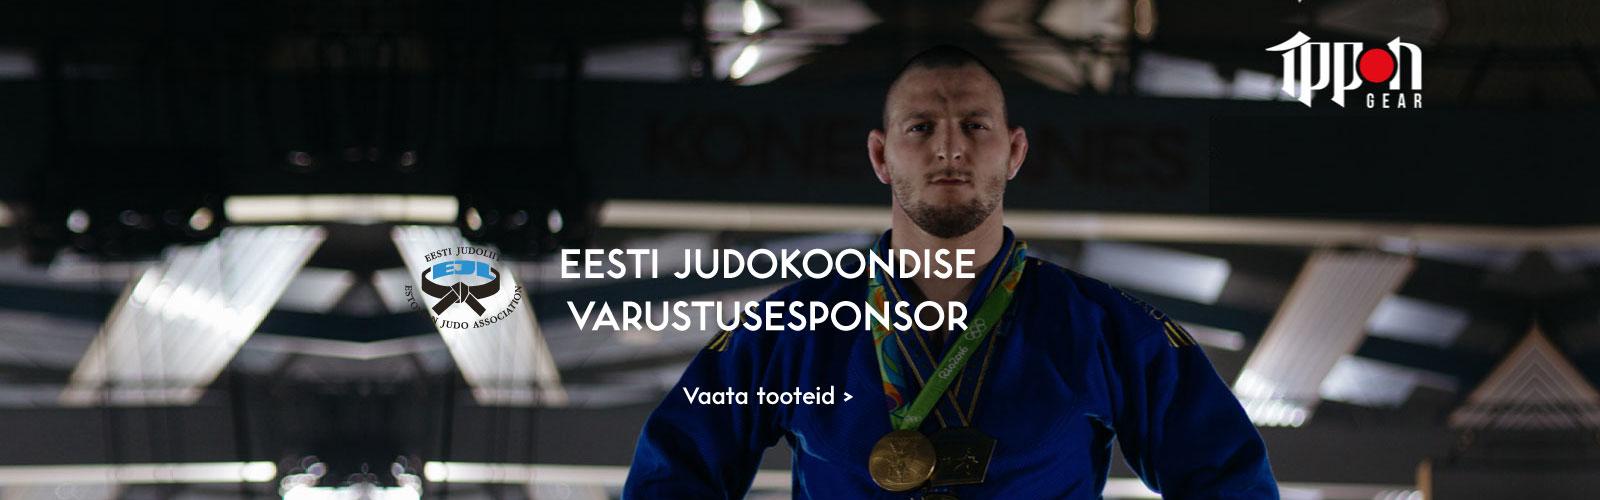 Budopunkt ja Ippon Gear on Eesti Judokoondise varustusesponsor